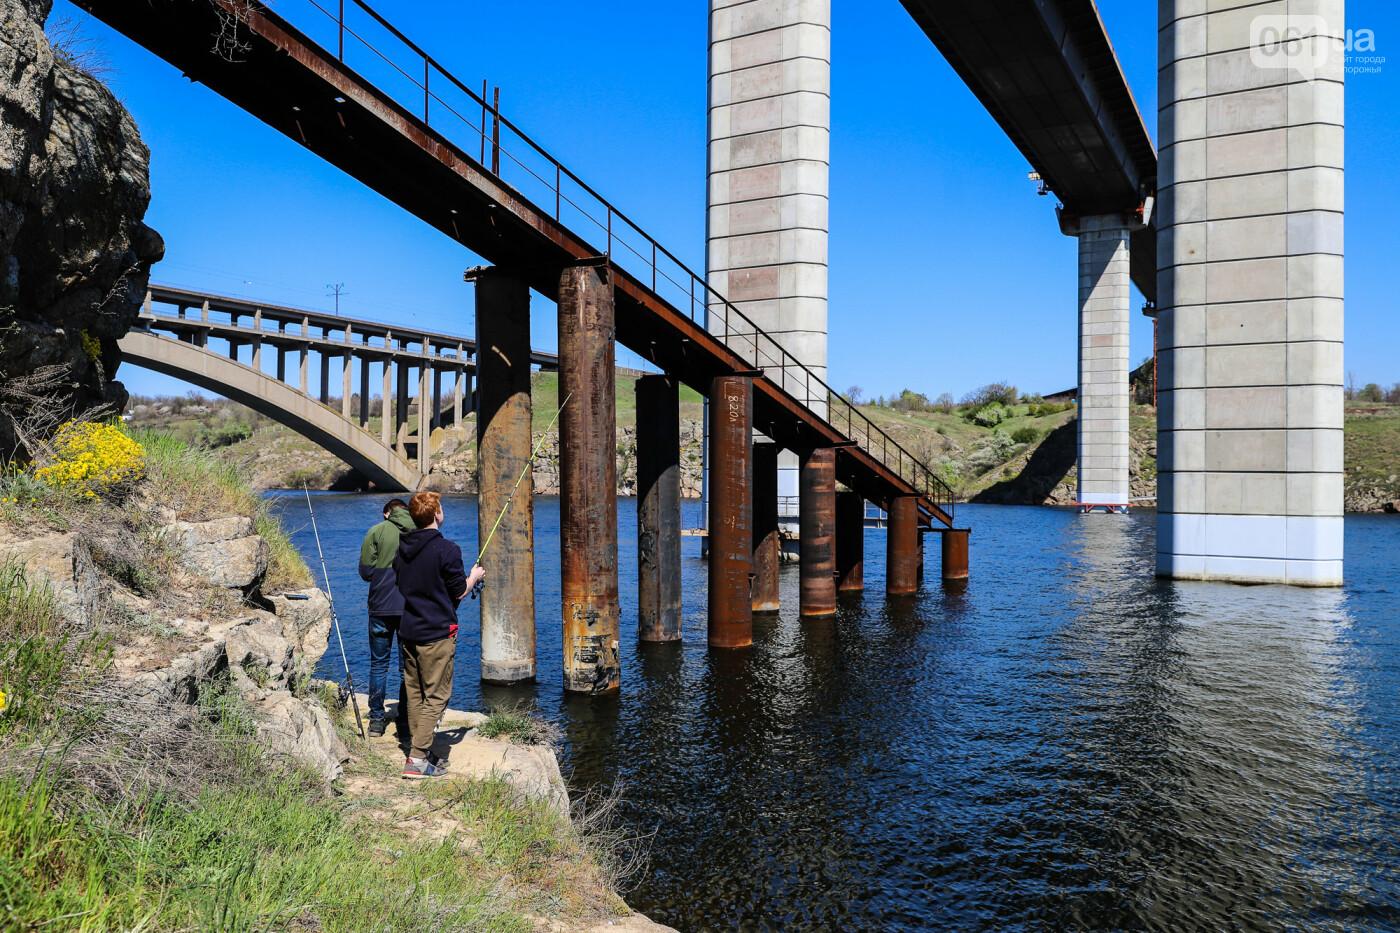 На запорожские мосты выделено 2,7 миллиарда: что сейчас проиходит стройплощадке, - ФОТОРЕПОРТАЖ, фото-40